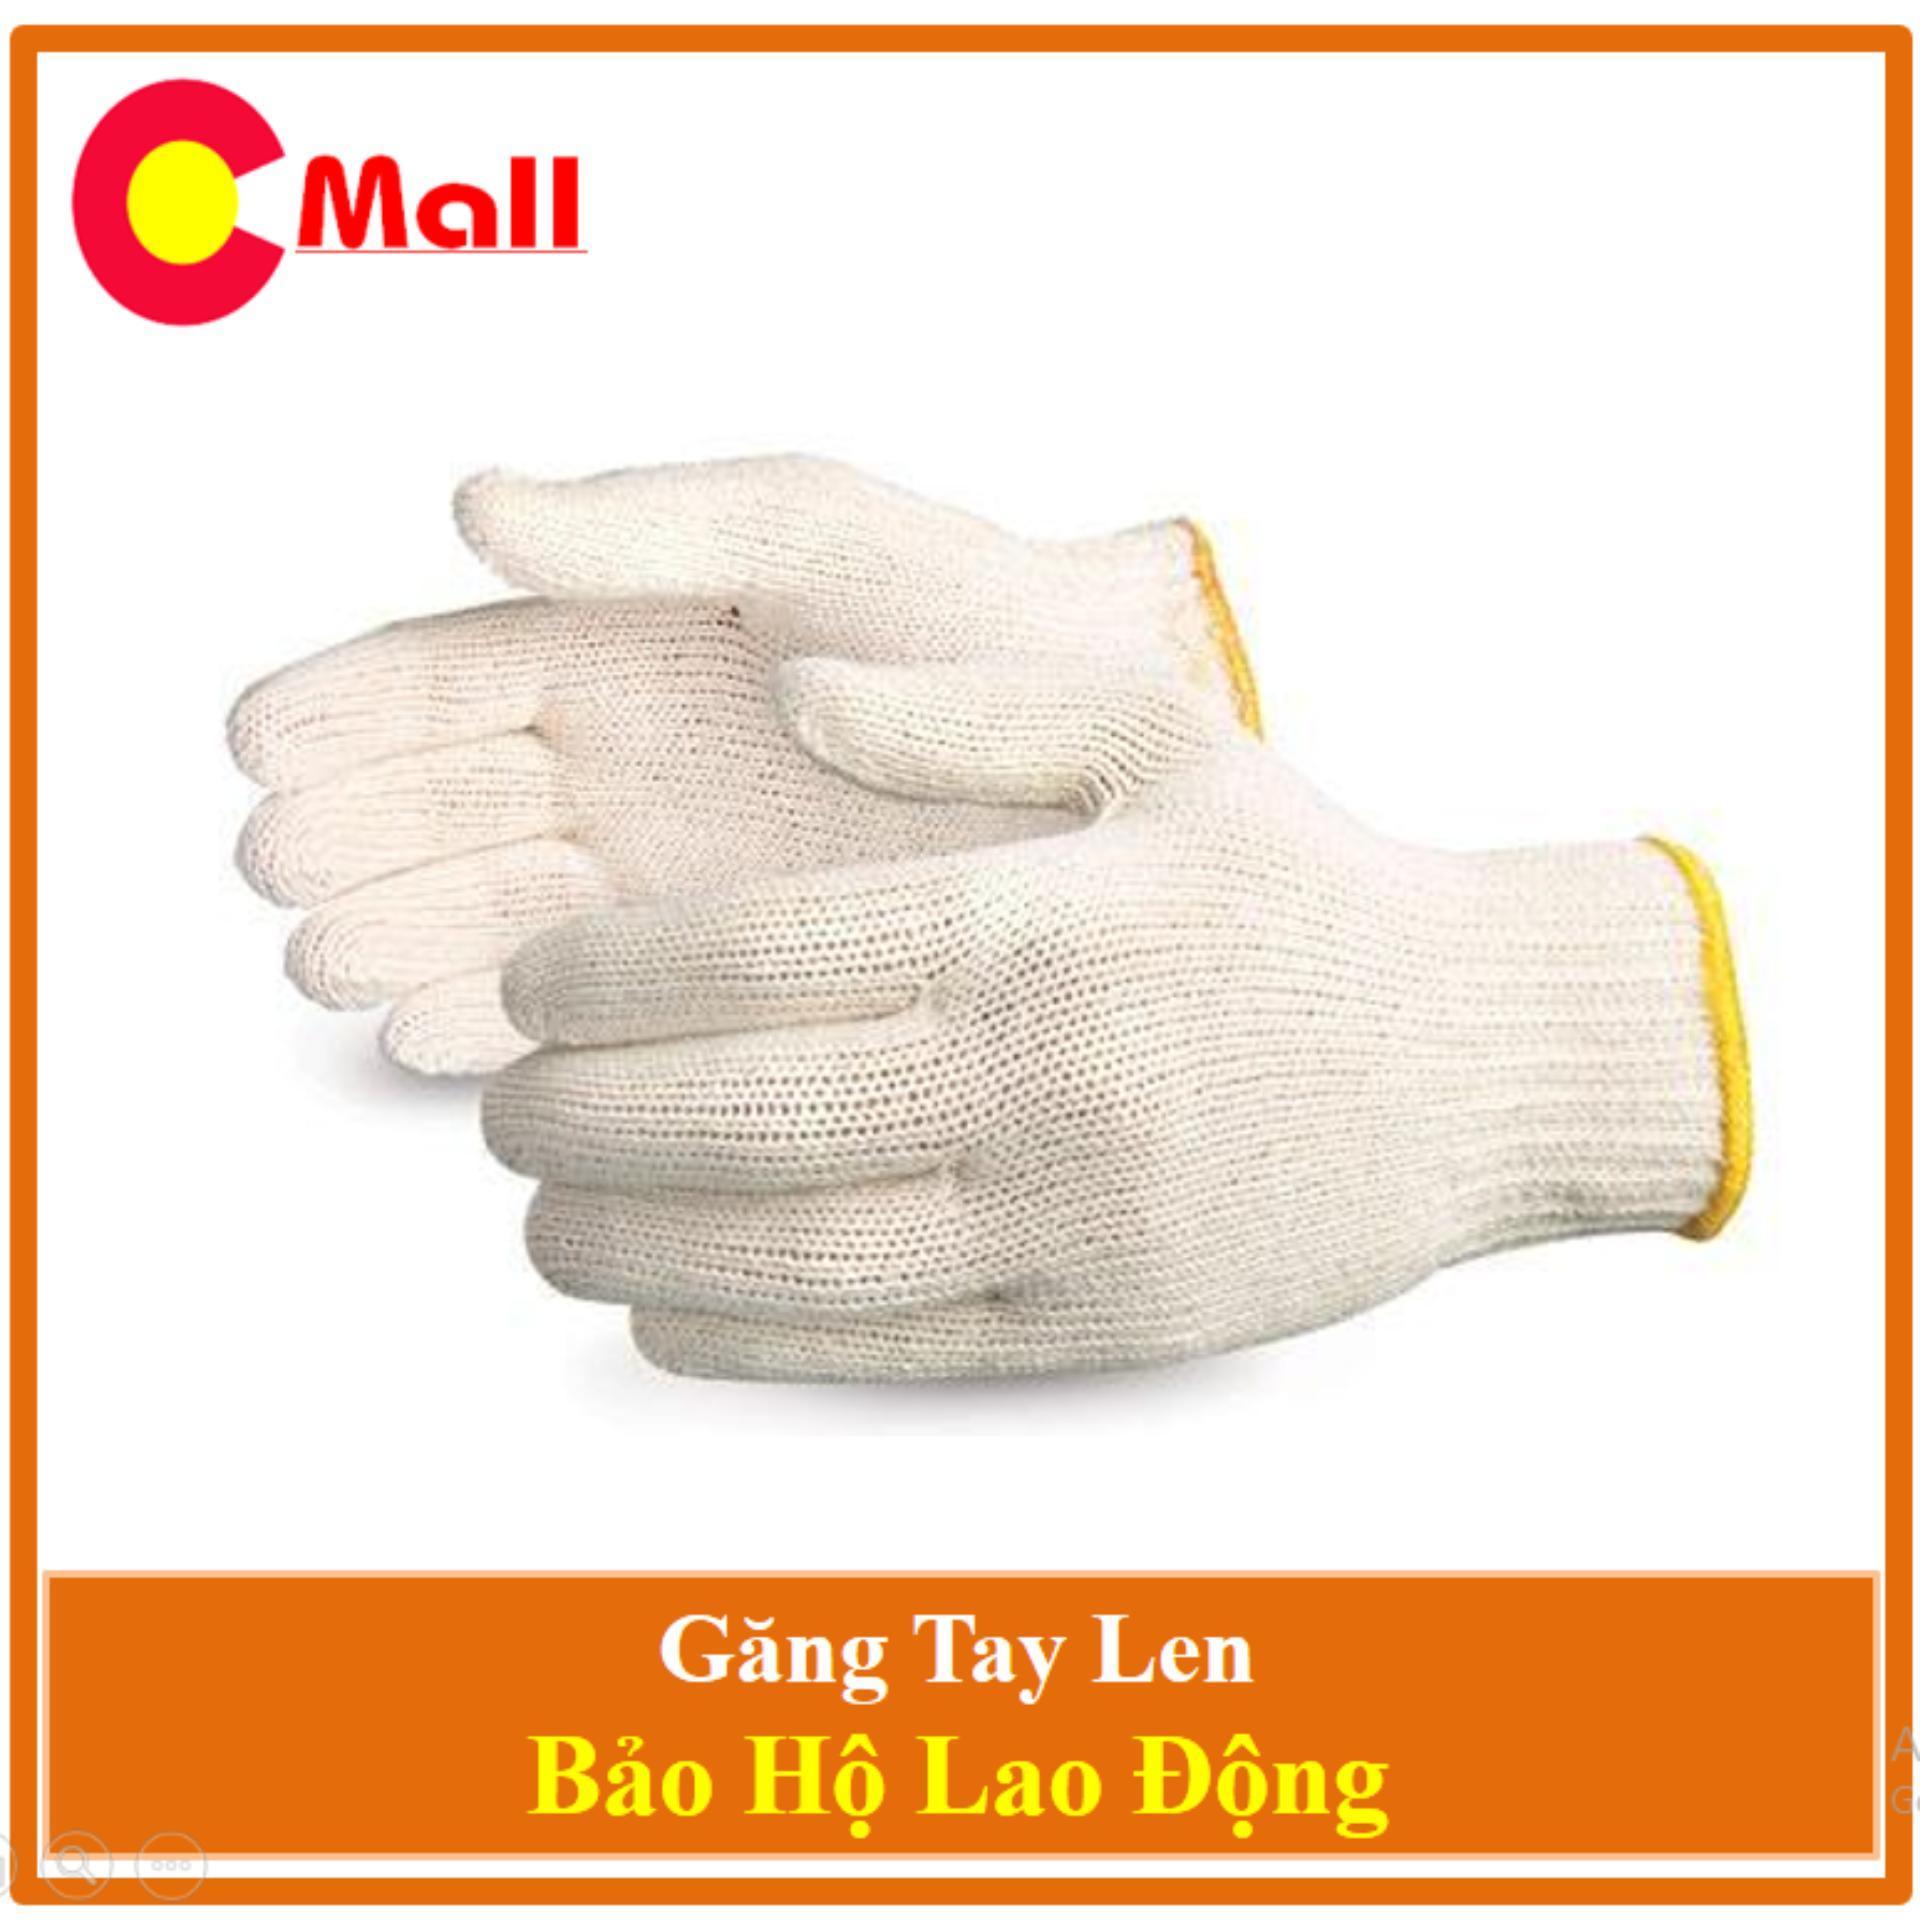 Combo 45 Đôi Găng Tay Len Bảo Hộ Lao Động - Hàng Chất Lượng Cao